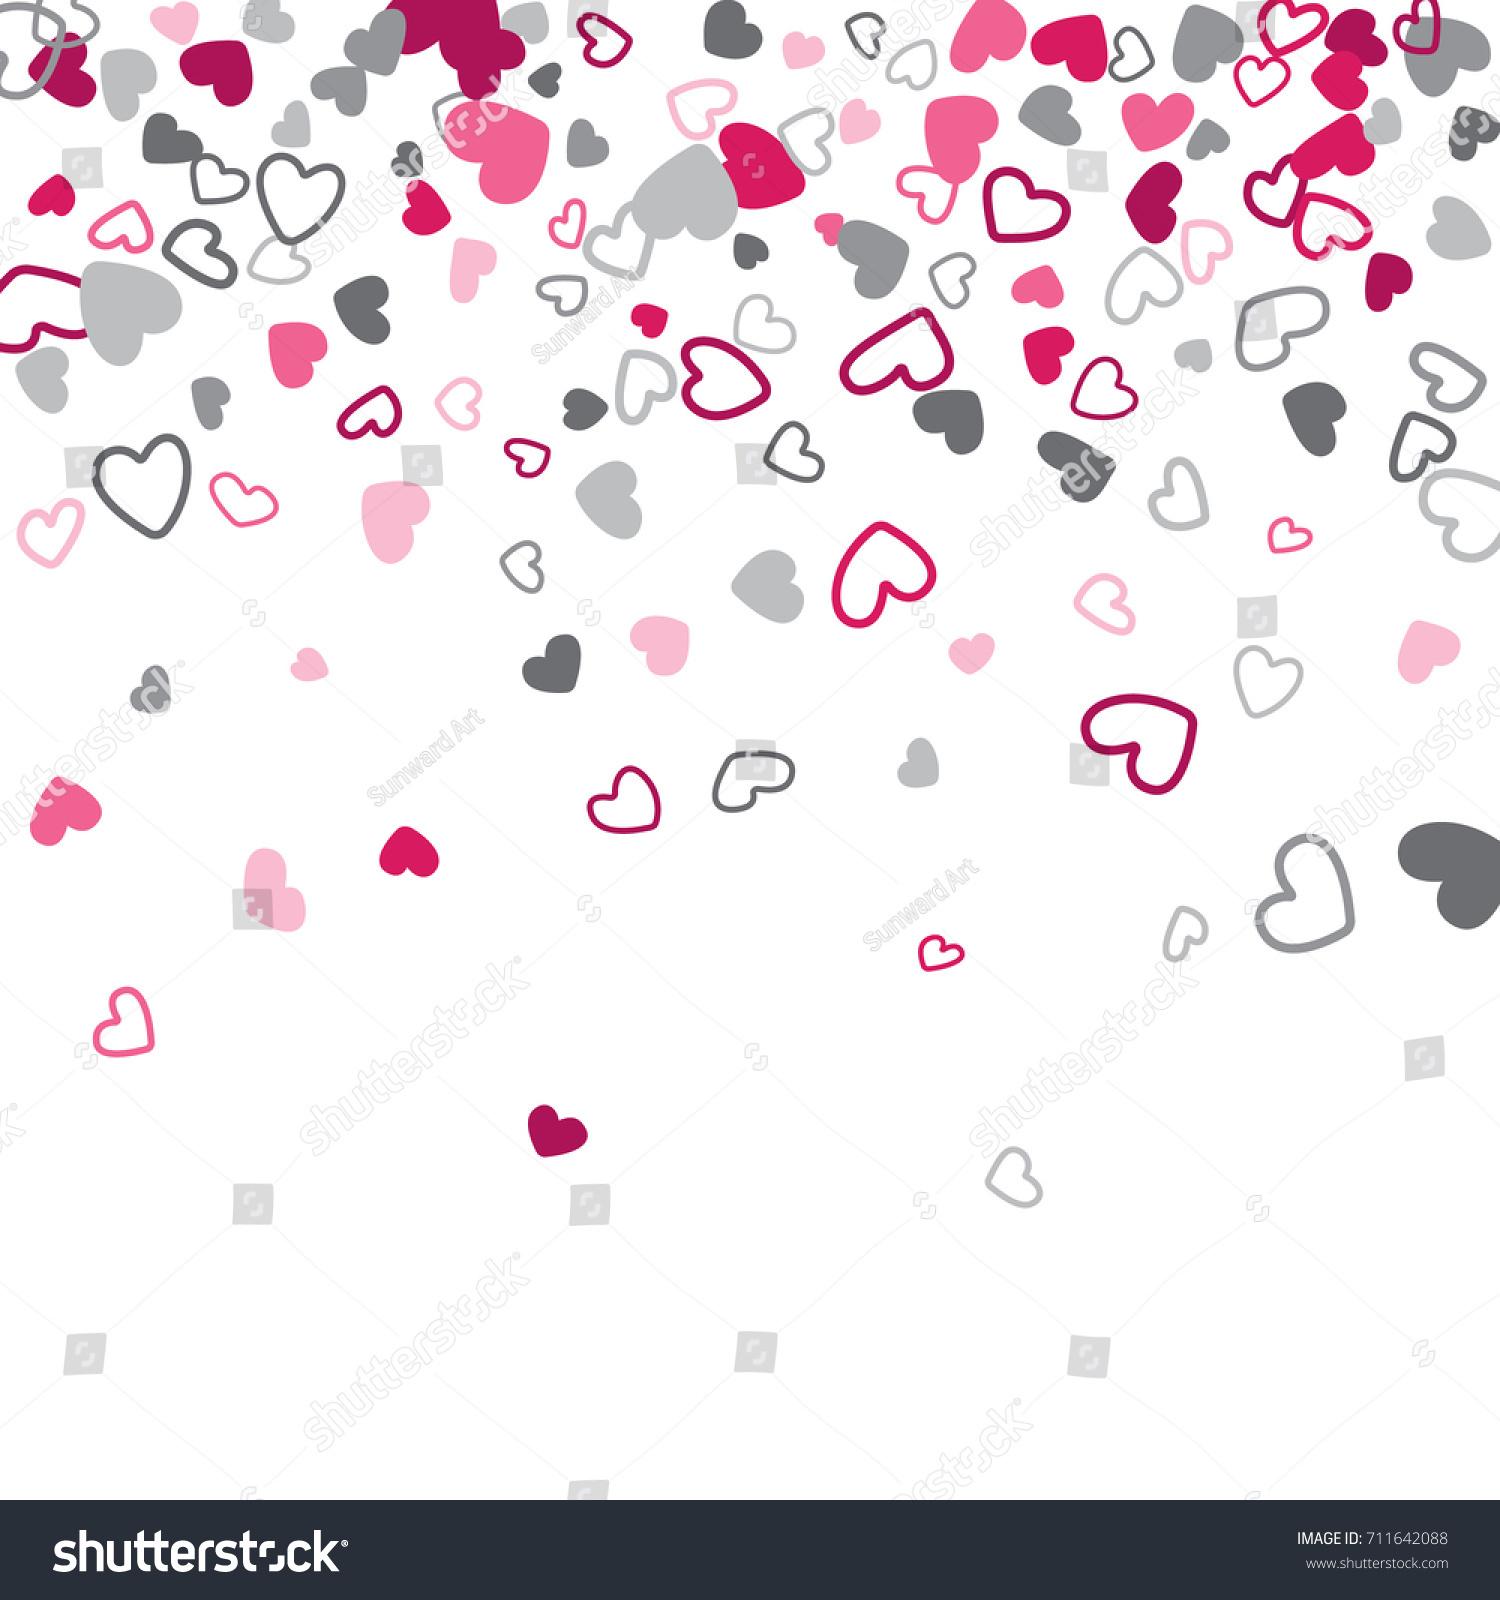 Gray And Pink Hearts: Romantic Cartoon Drawing Grey Pink Hearts Stock Vector